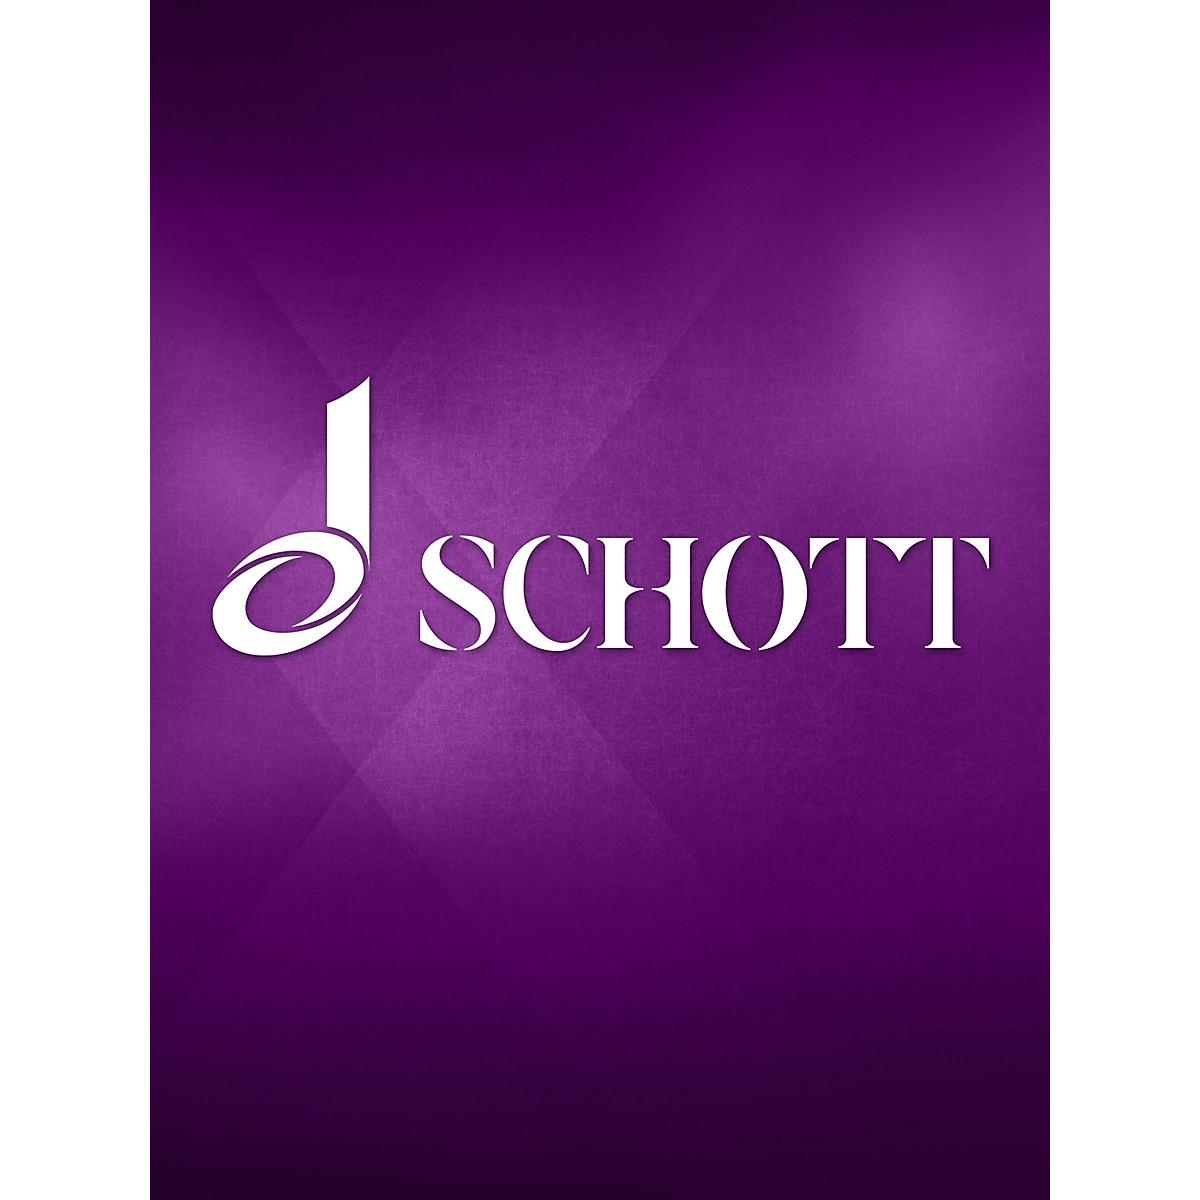 Schott Heizmann K Einsinguebungen F Choere U Sol Schott Series by Klaus Heizmann